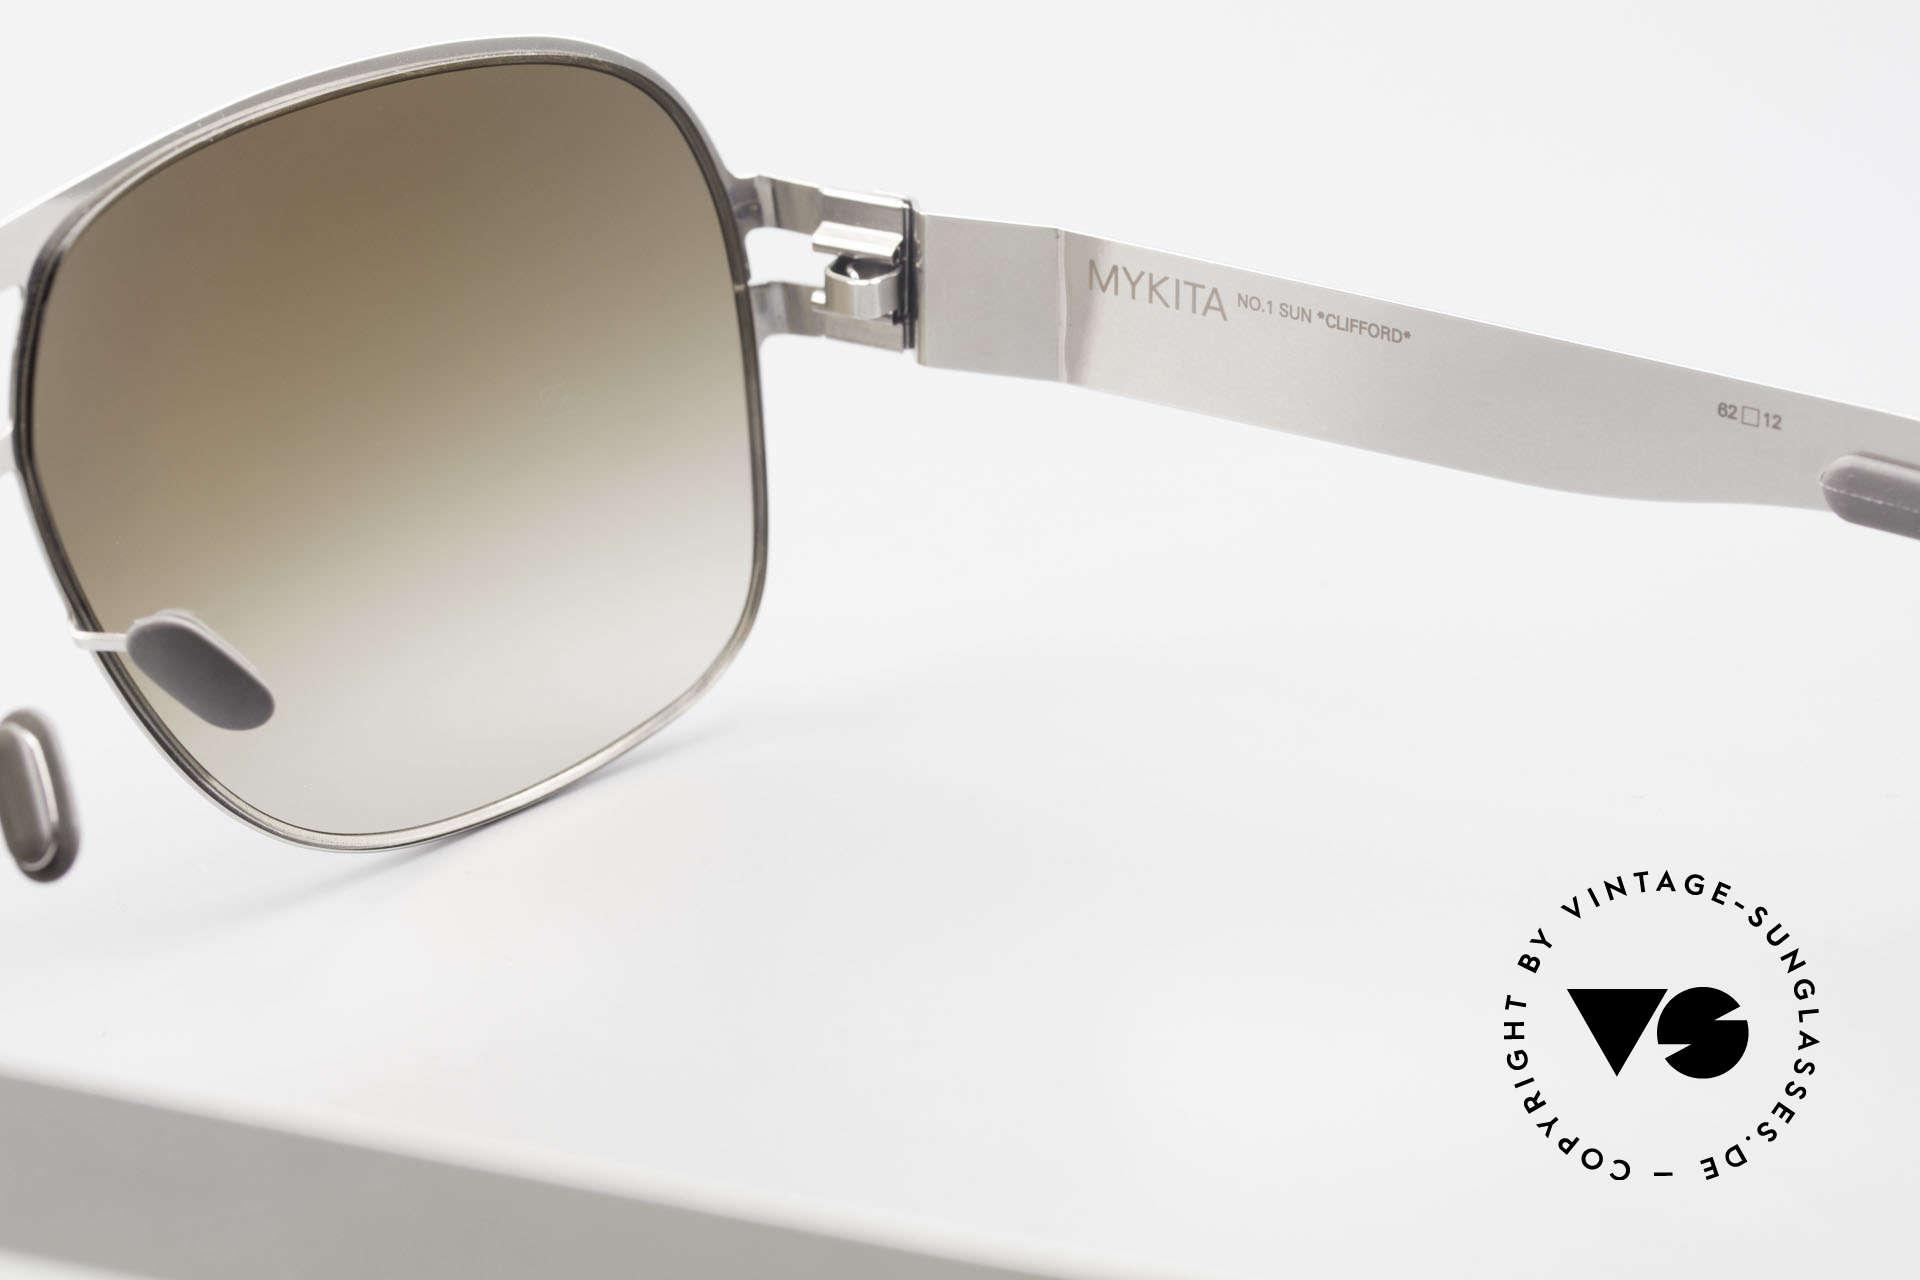 Mykita Clifford 2000er Vintage Aviator Brille, daher jetzt bei uns (natürlich ungetragen und mit Etui), Passend für Herren